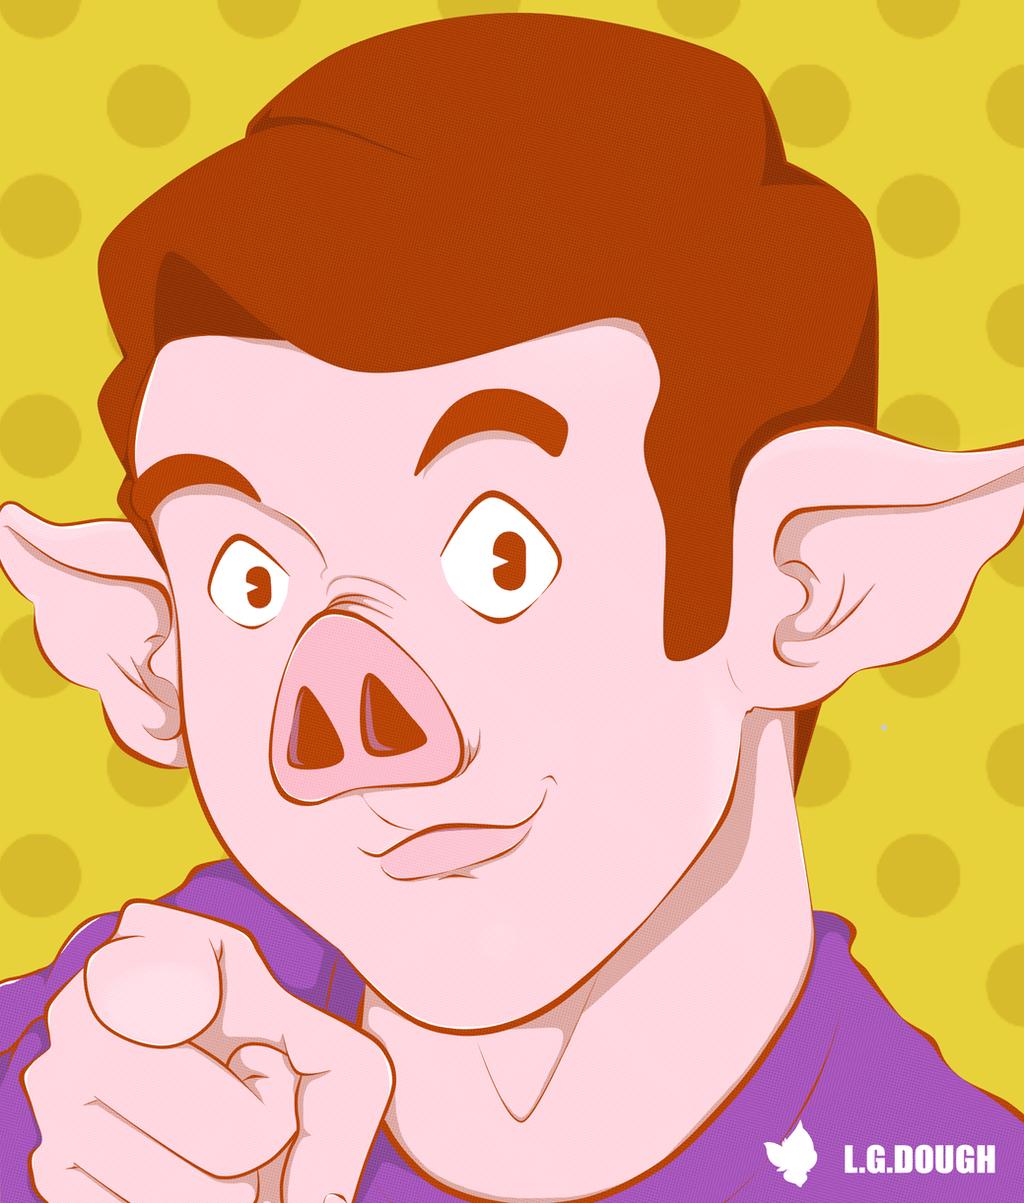 The Pig Boy by dxlucasxb